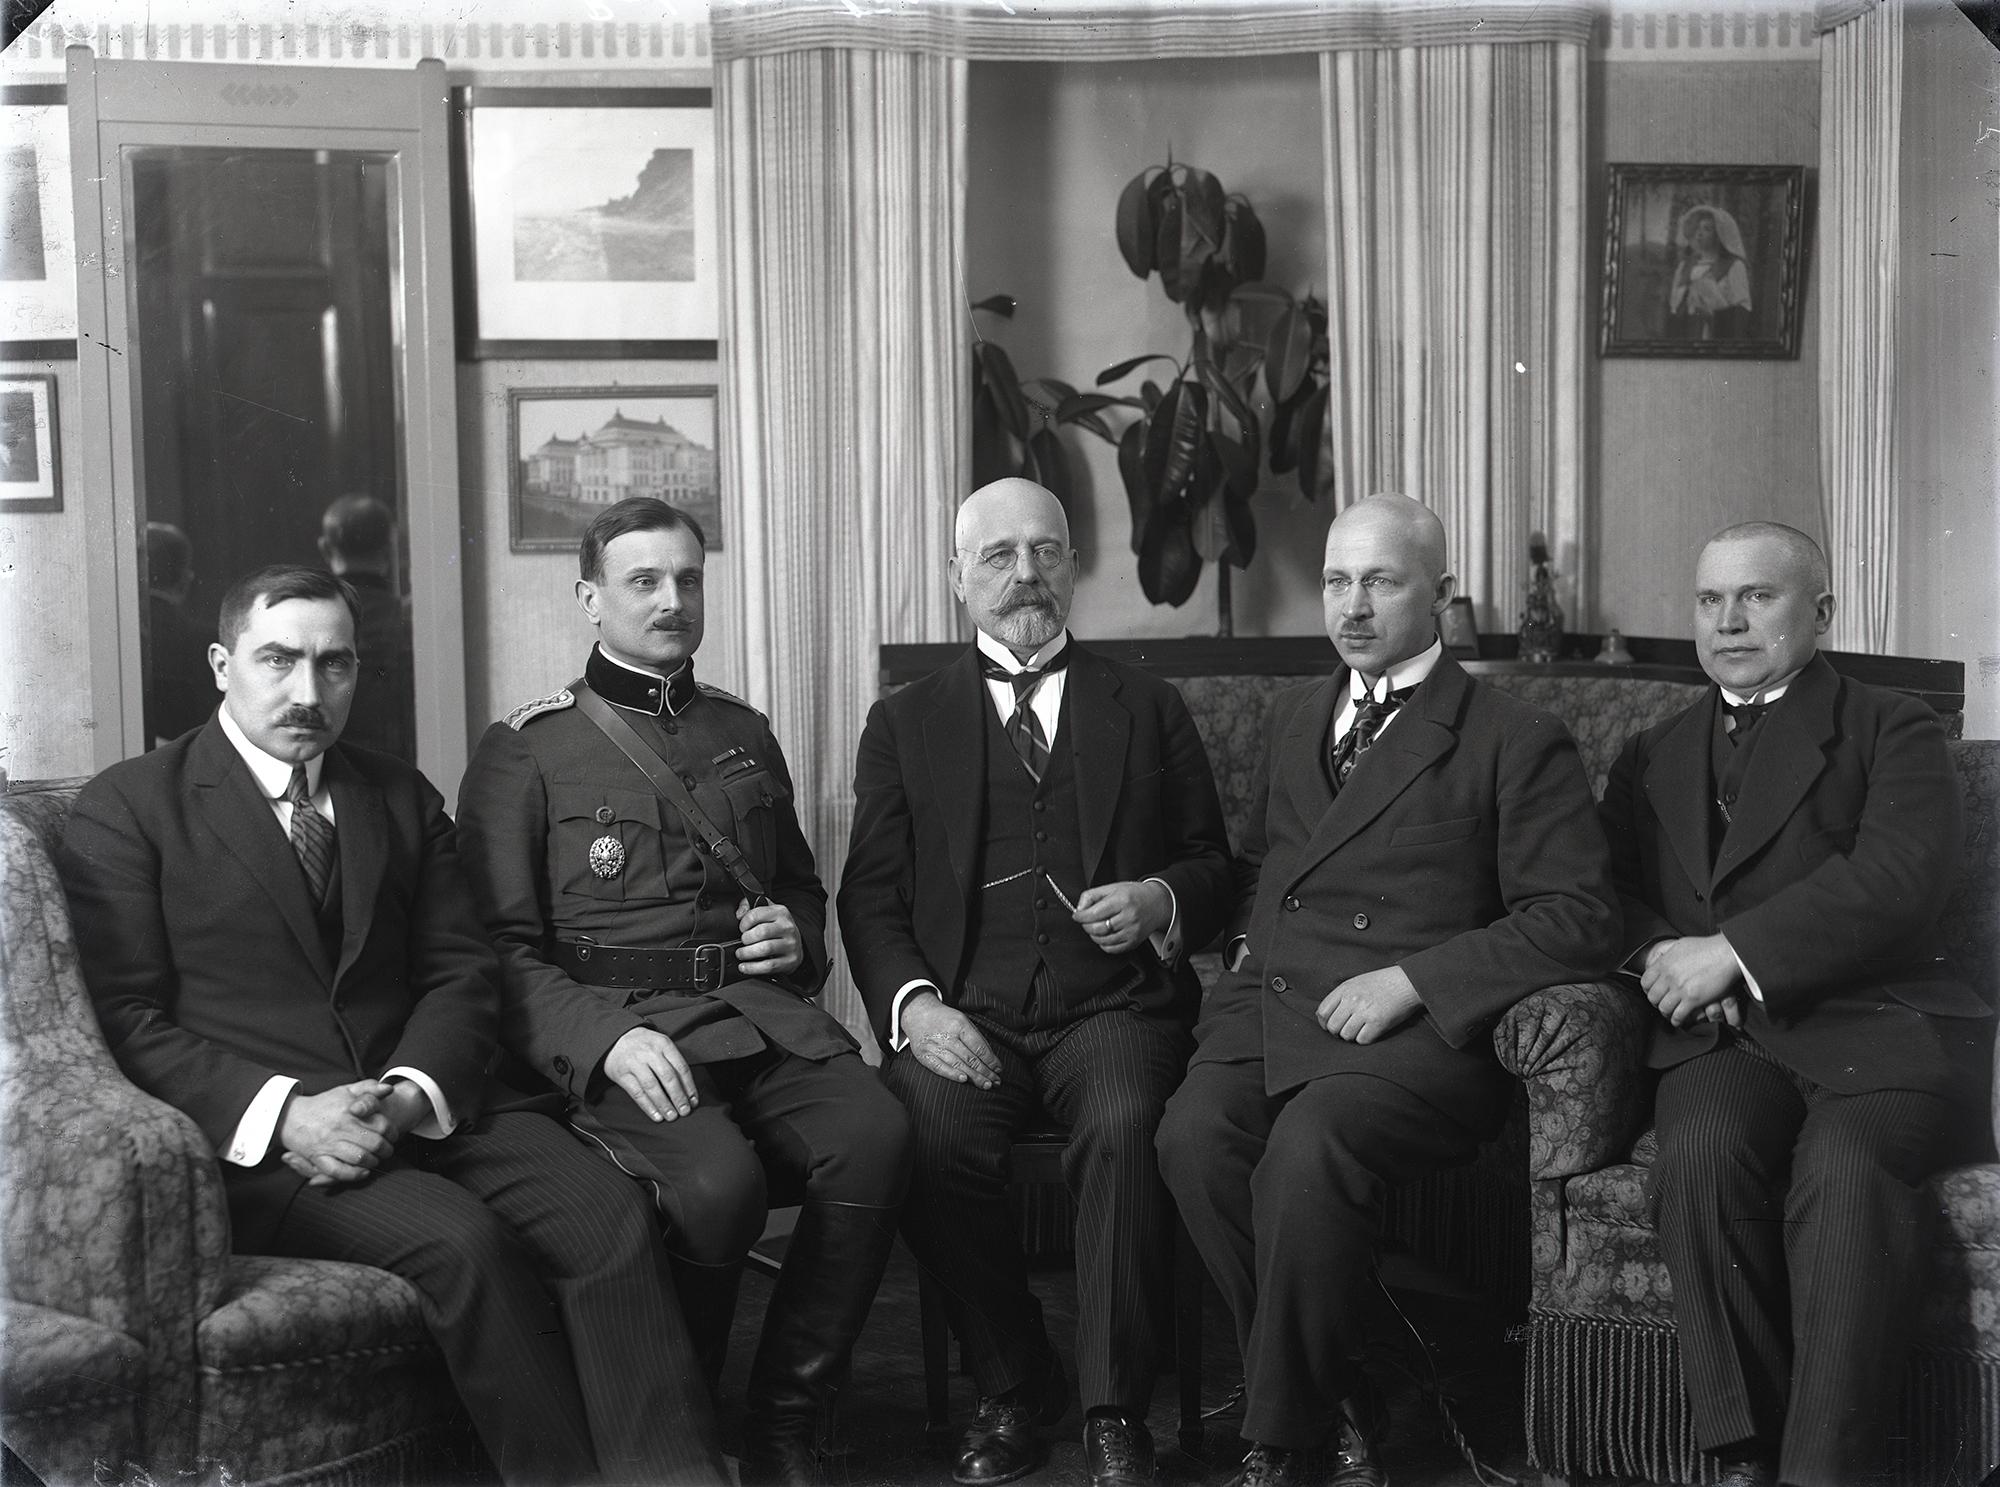 Viron valtuuskunta Tarton rauhanneuvotteluissa: Ants Piip (vas.), Jaan Soots, Jaan Poska, Julius Seljamaa ja Mait Püümann.